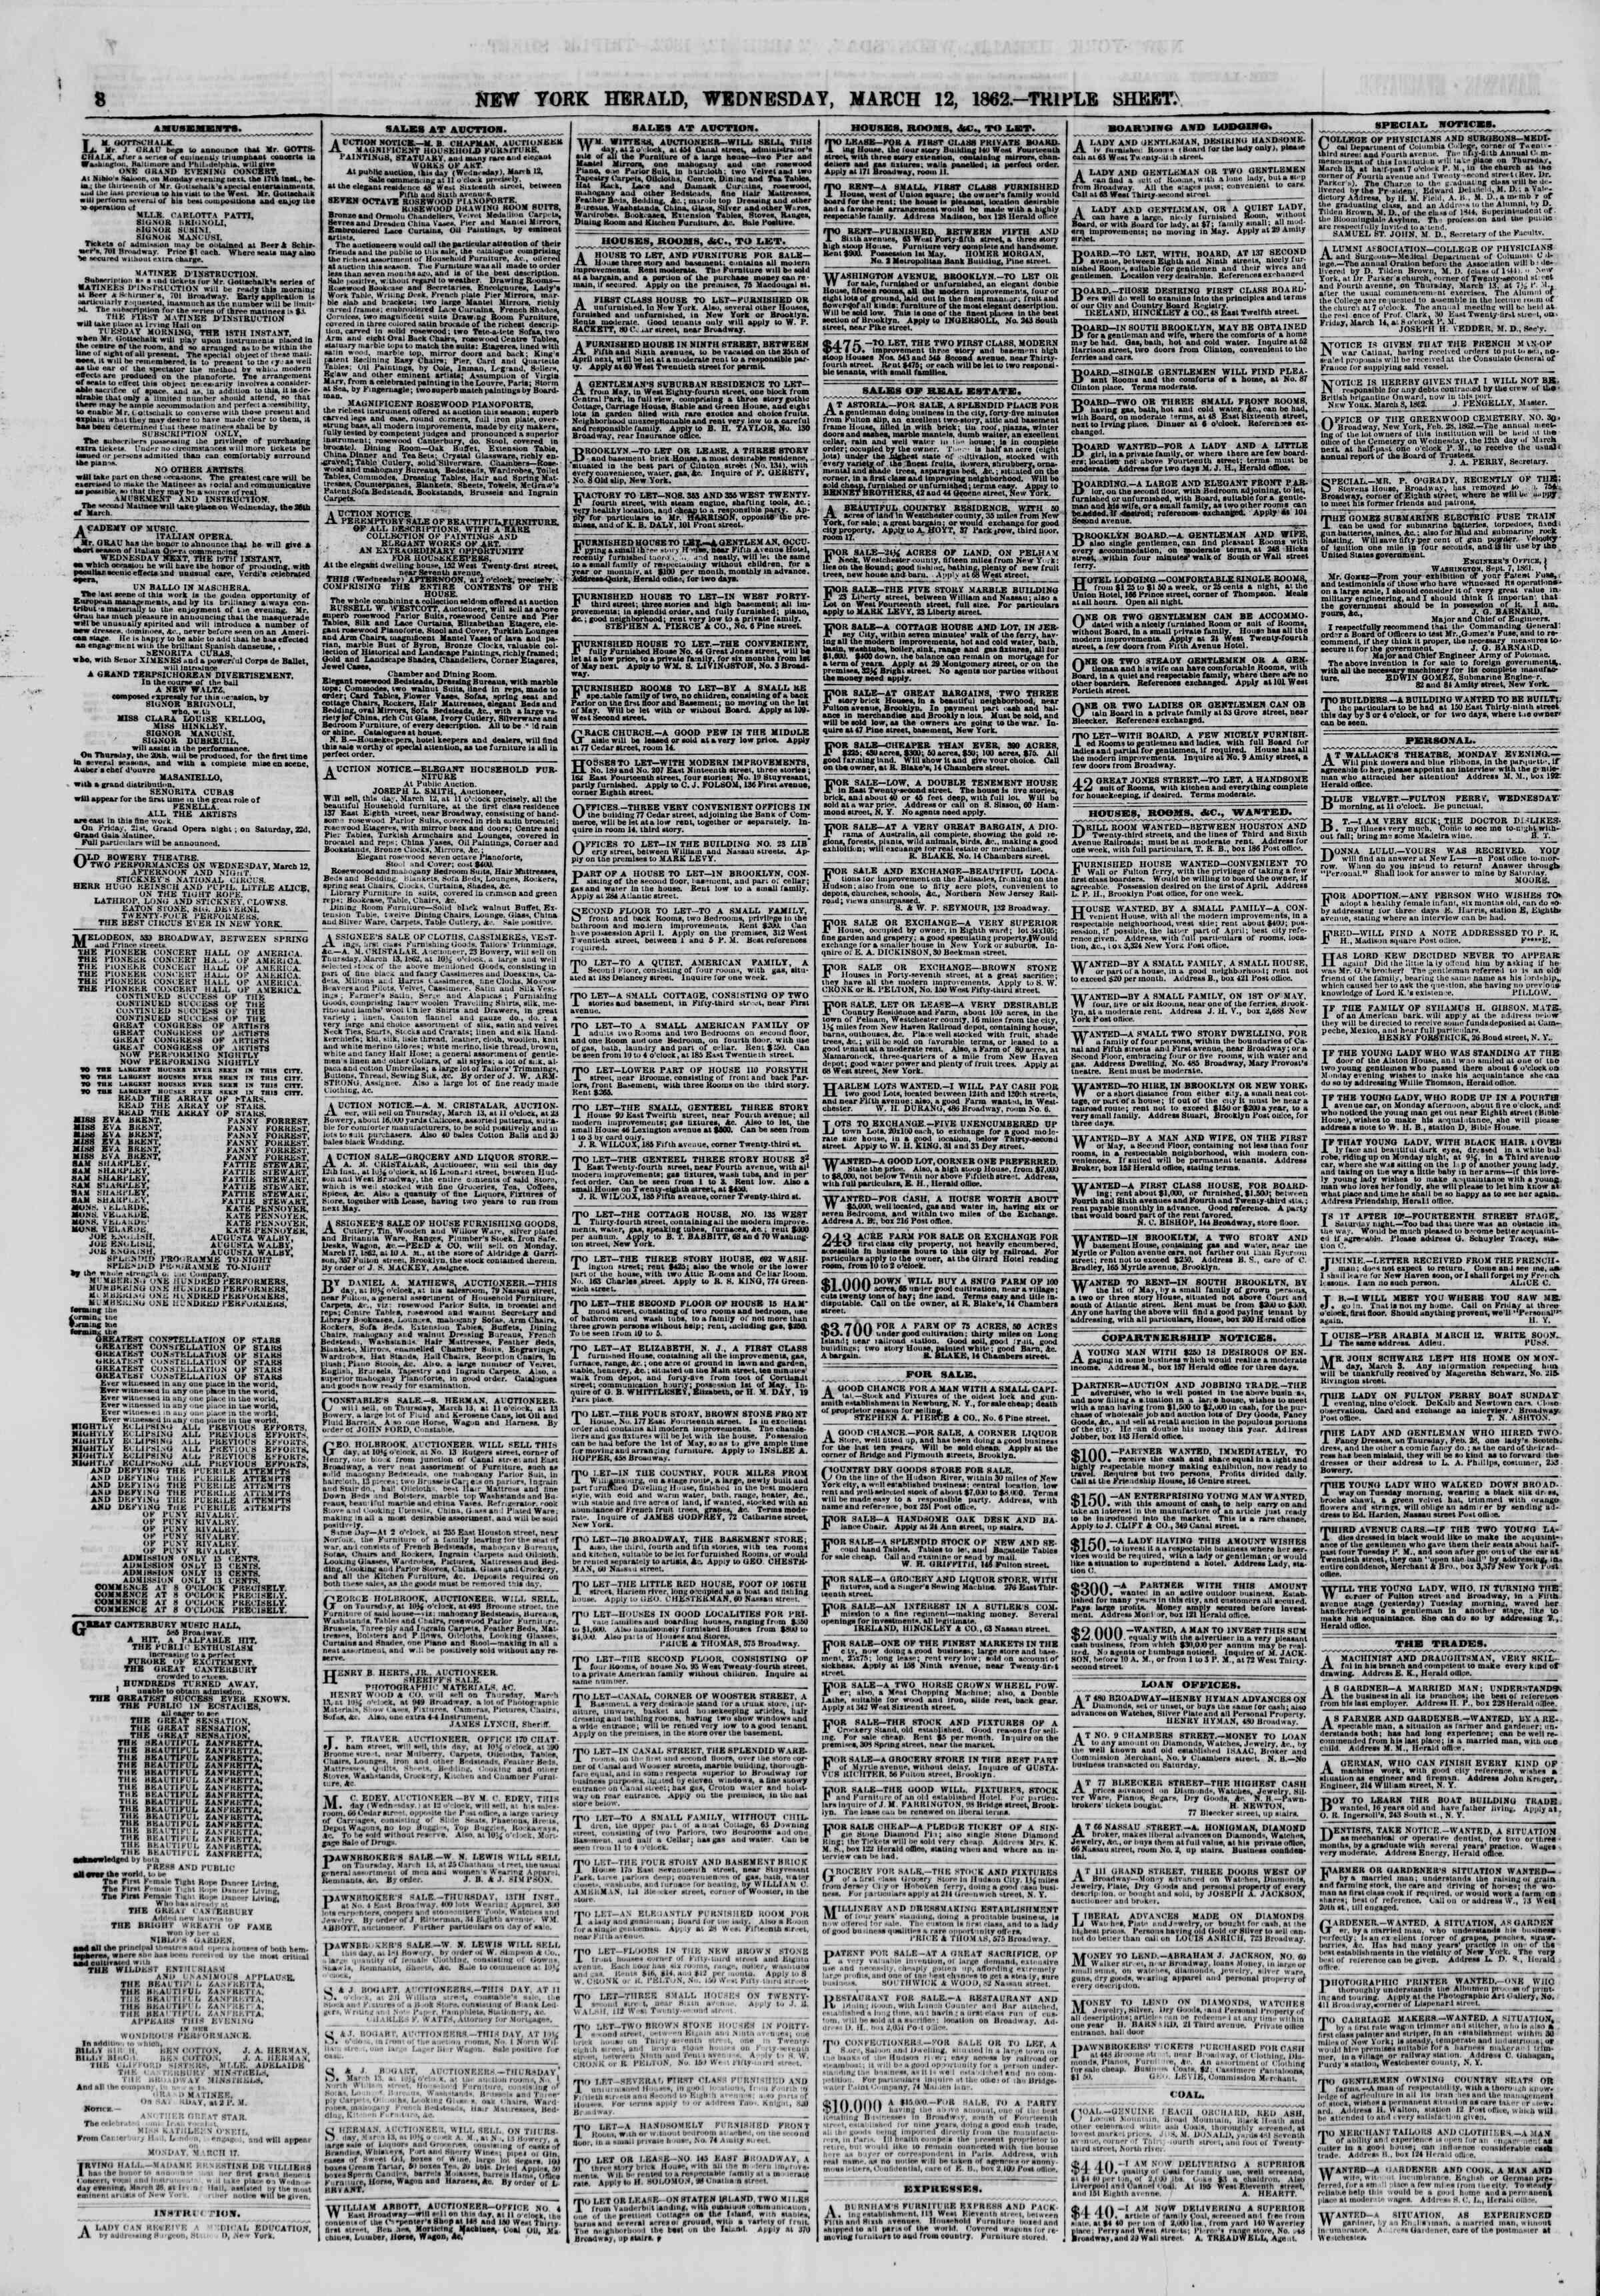 12 Mart 1862 tarihli The New York Herald Gazetesi Sayfa 8